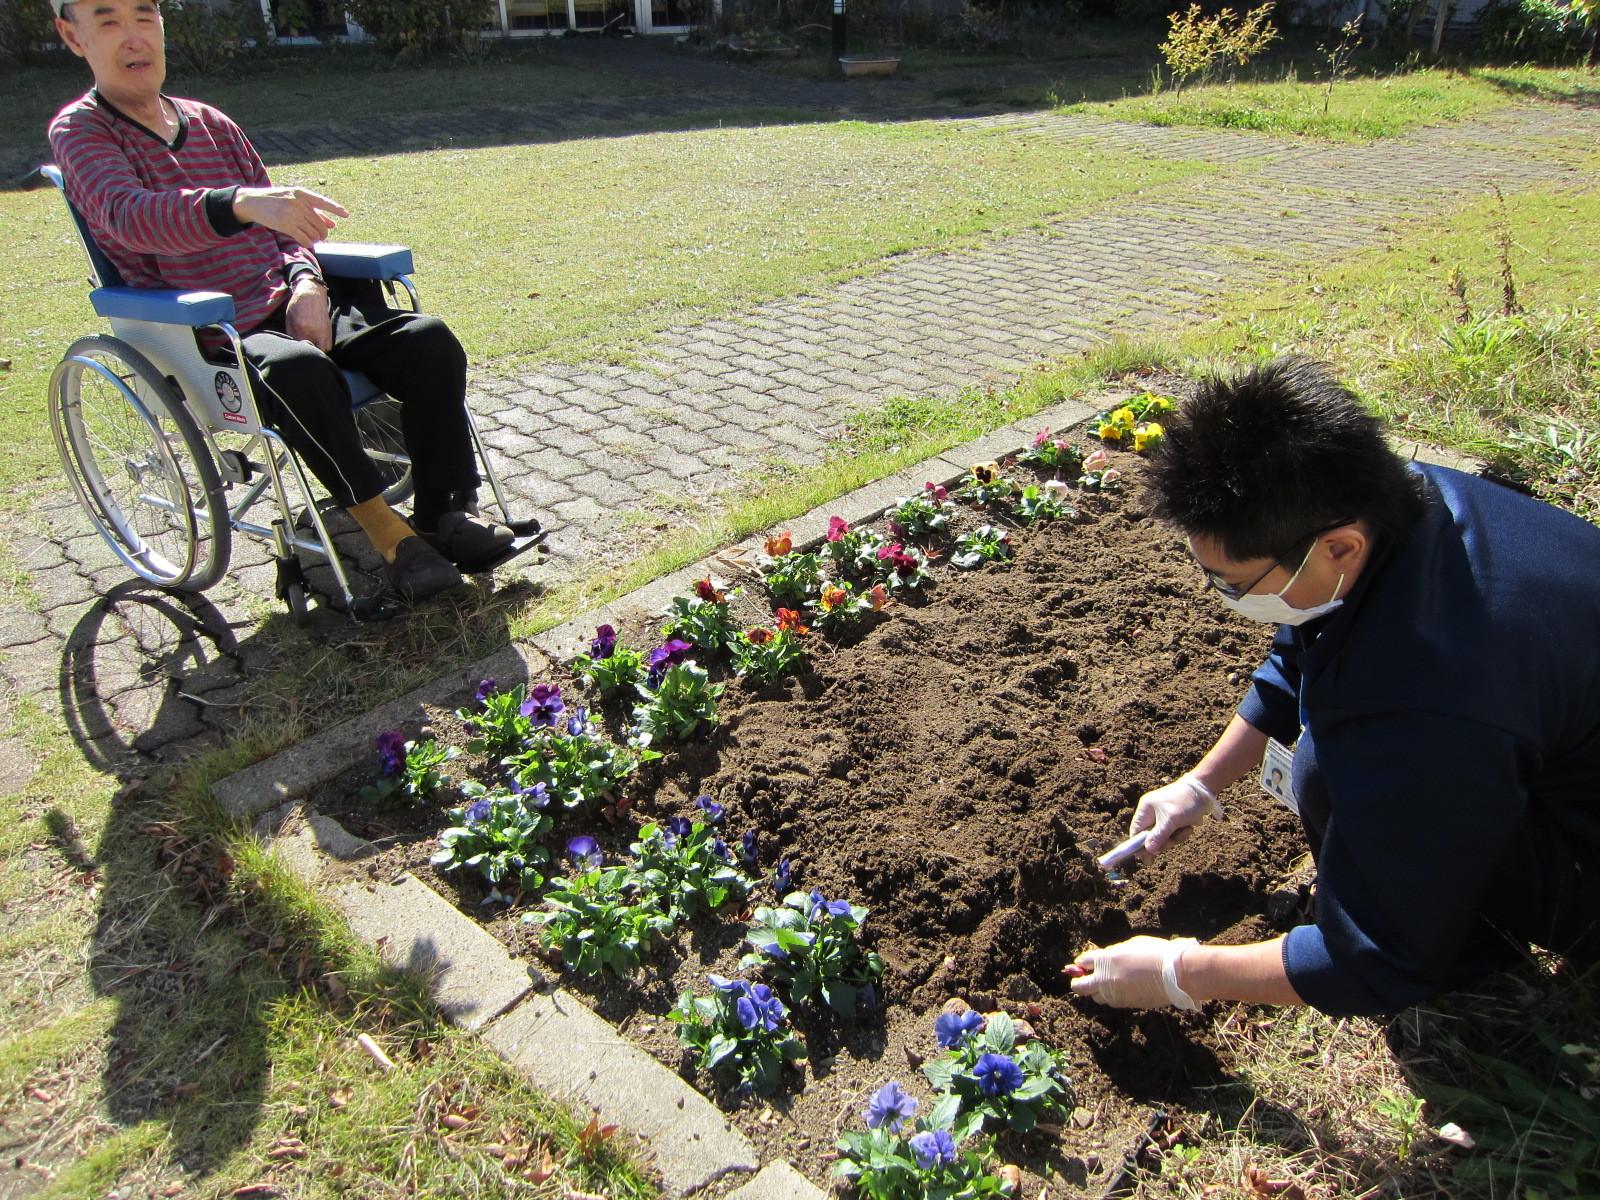 「花咲かじいさん」からのご指示をいただきながら、スタッフが手際よく、植えていきます